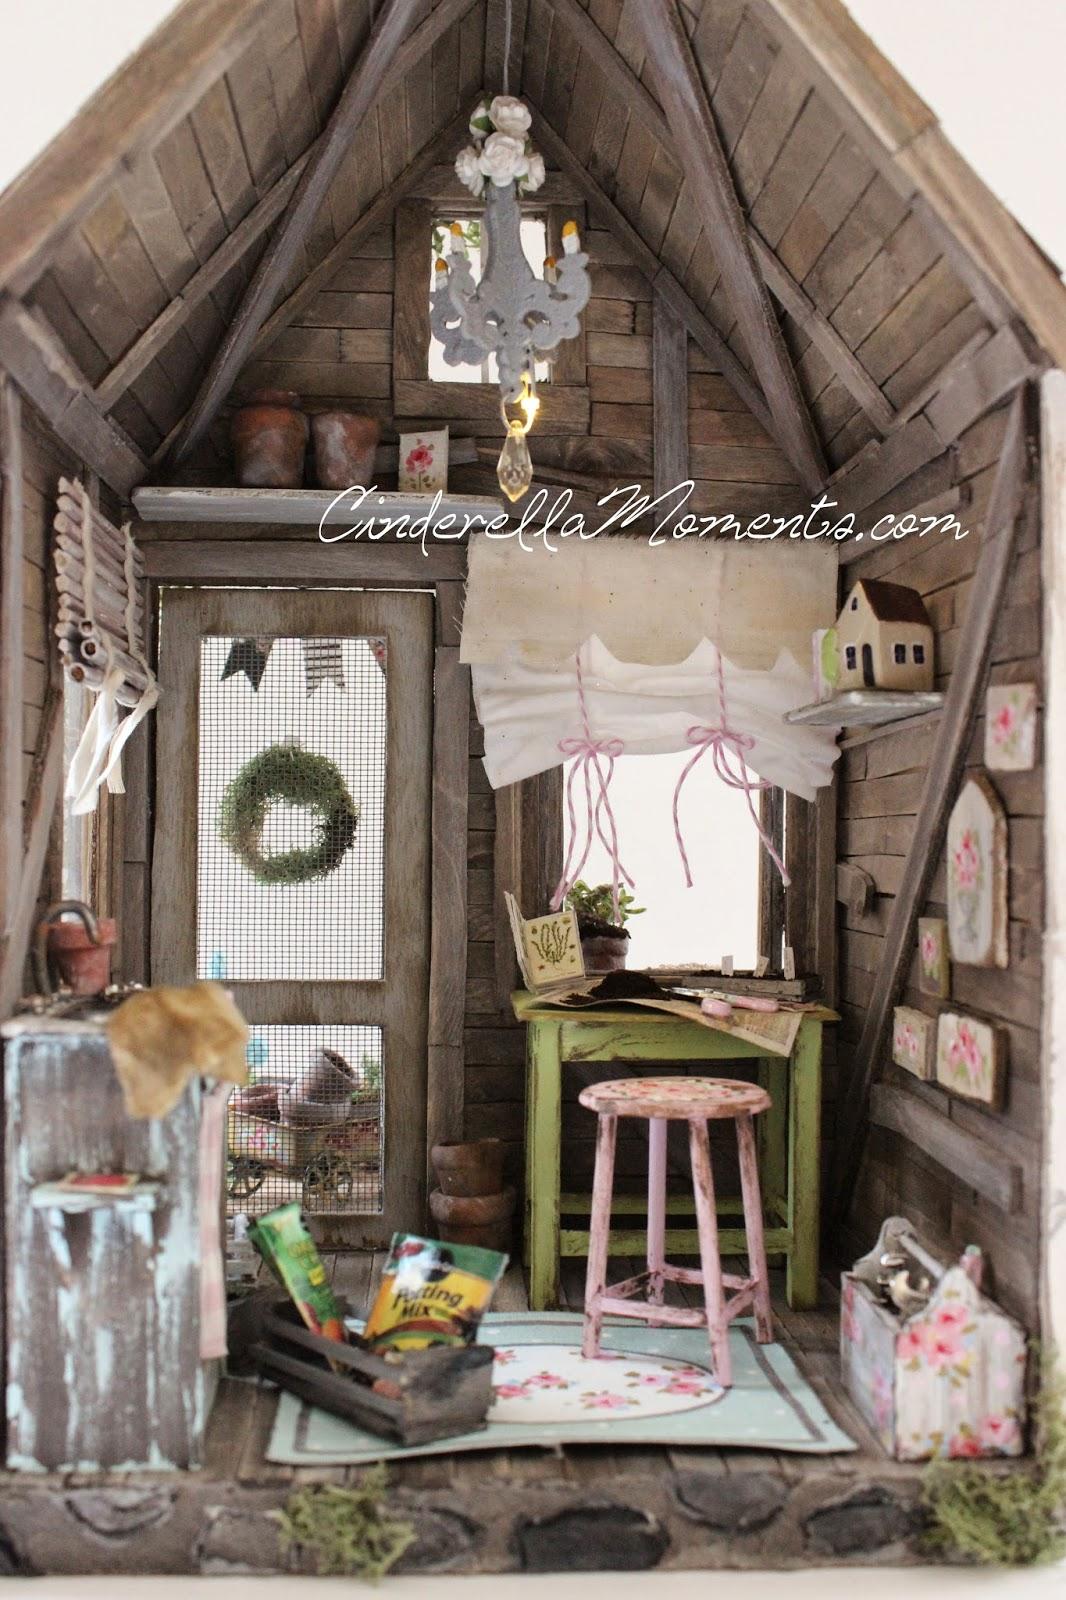 Cinderella Moments Petite Maison De Jardin Custom Dollhouse